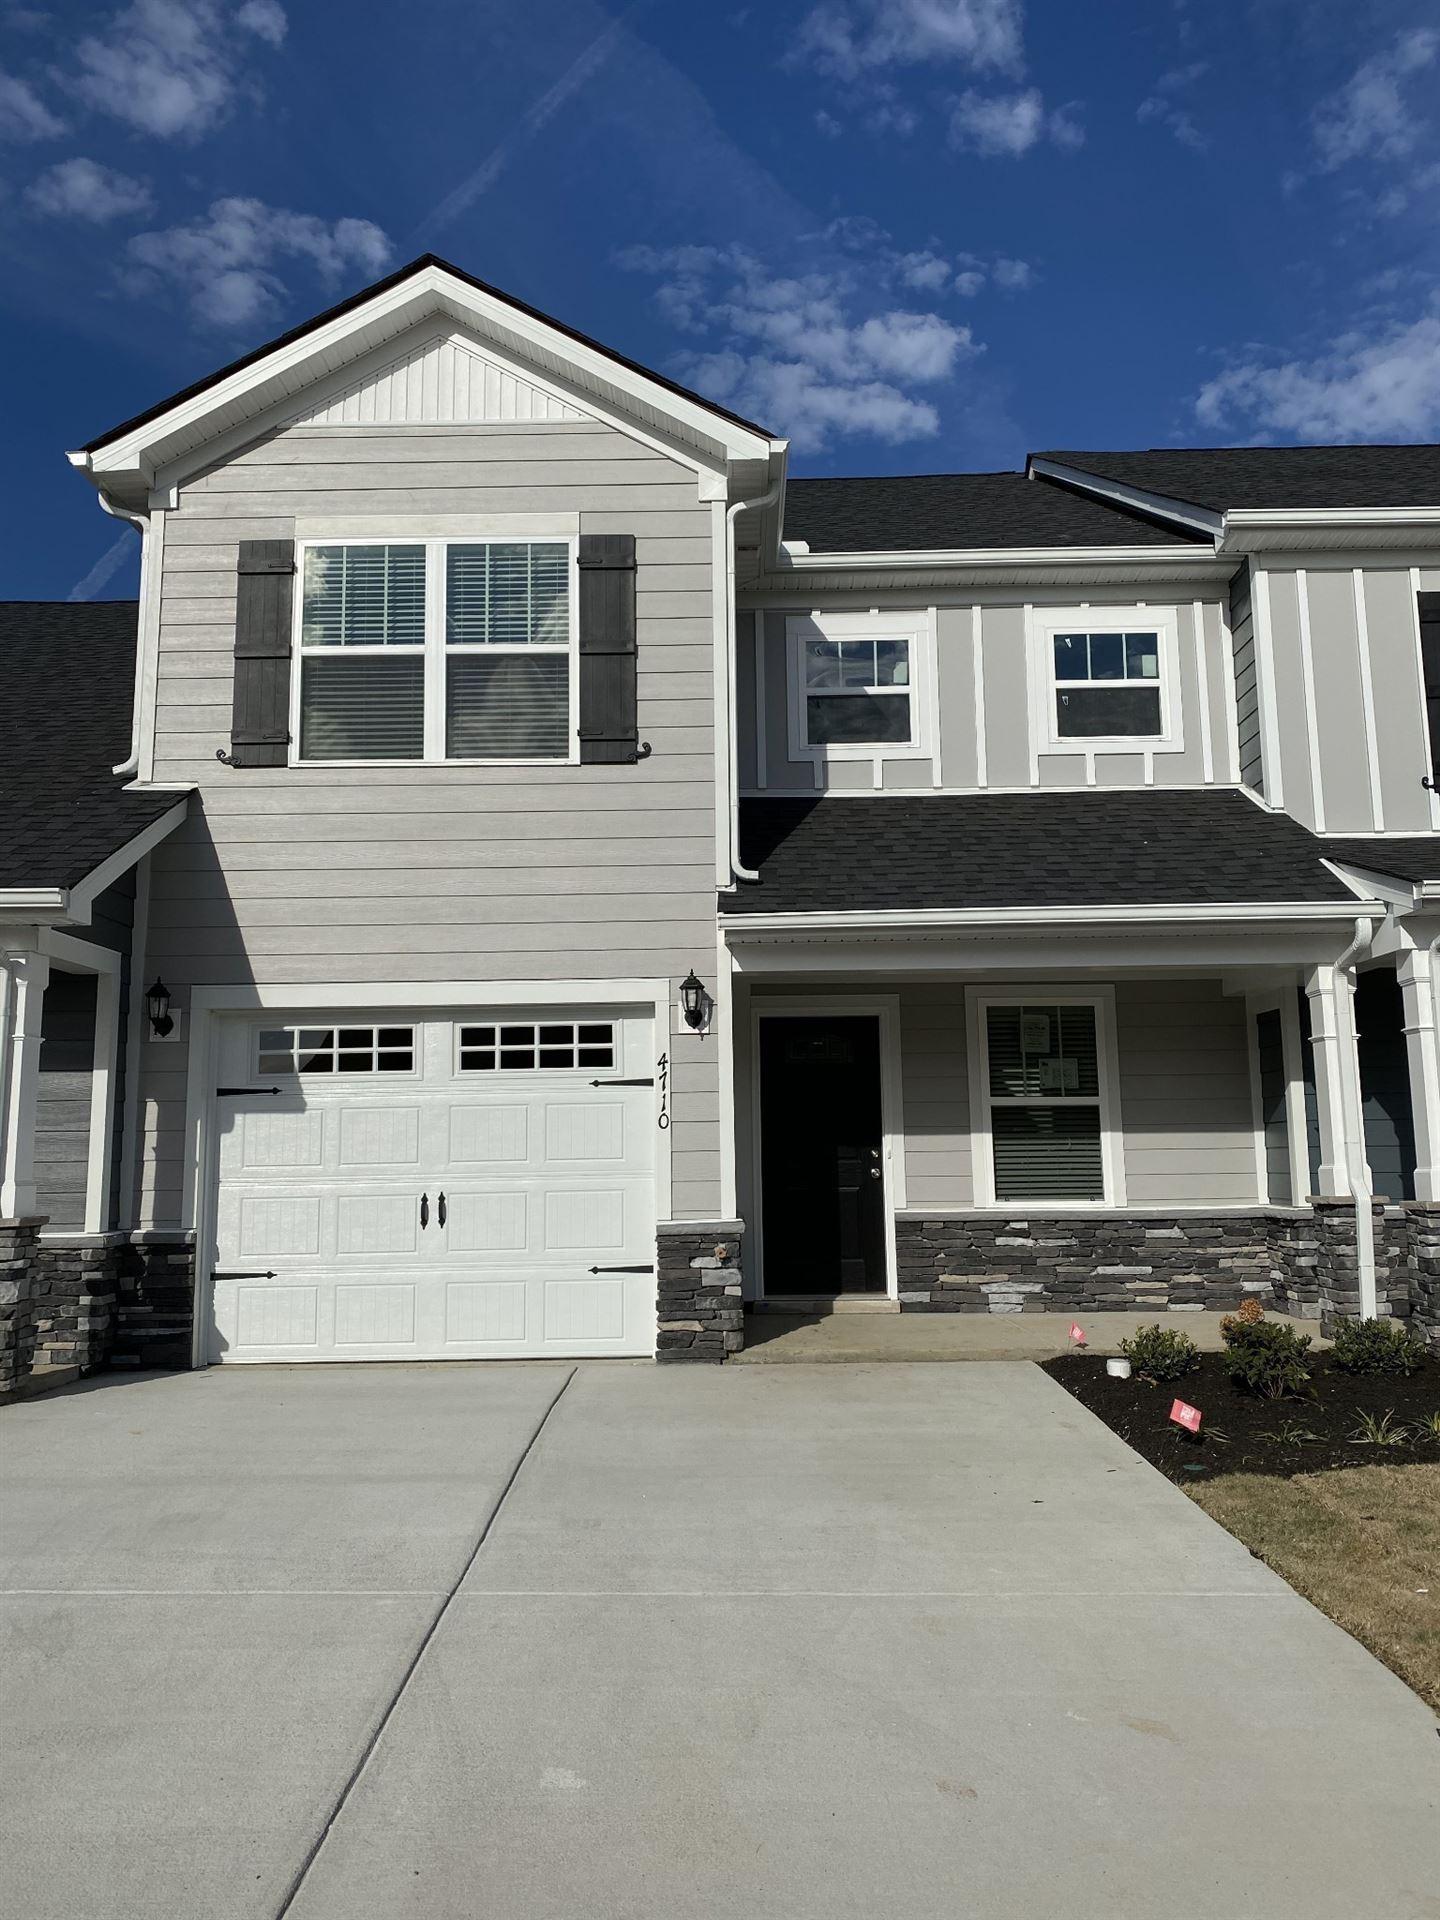 Photo for 1629 Calypso Drive Lot 54 #54, Murfreesboro, TN 37128 (MLS # 2193393)